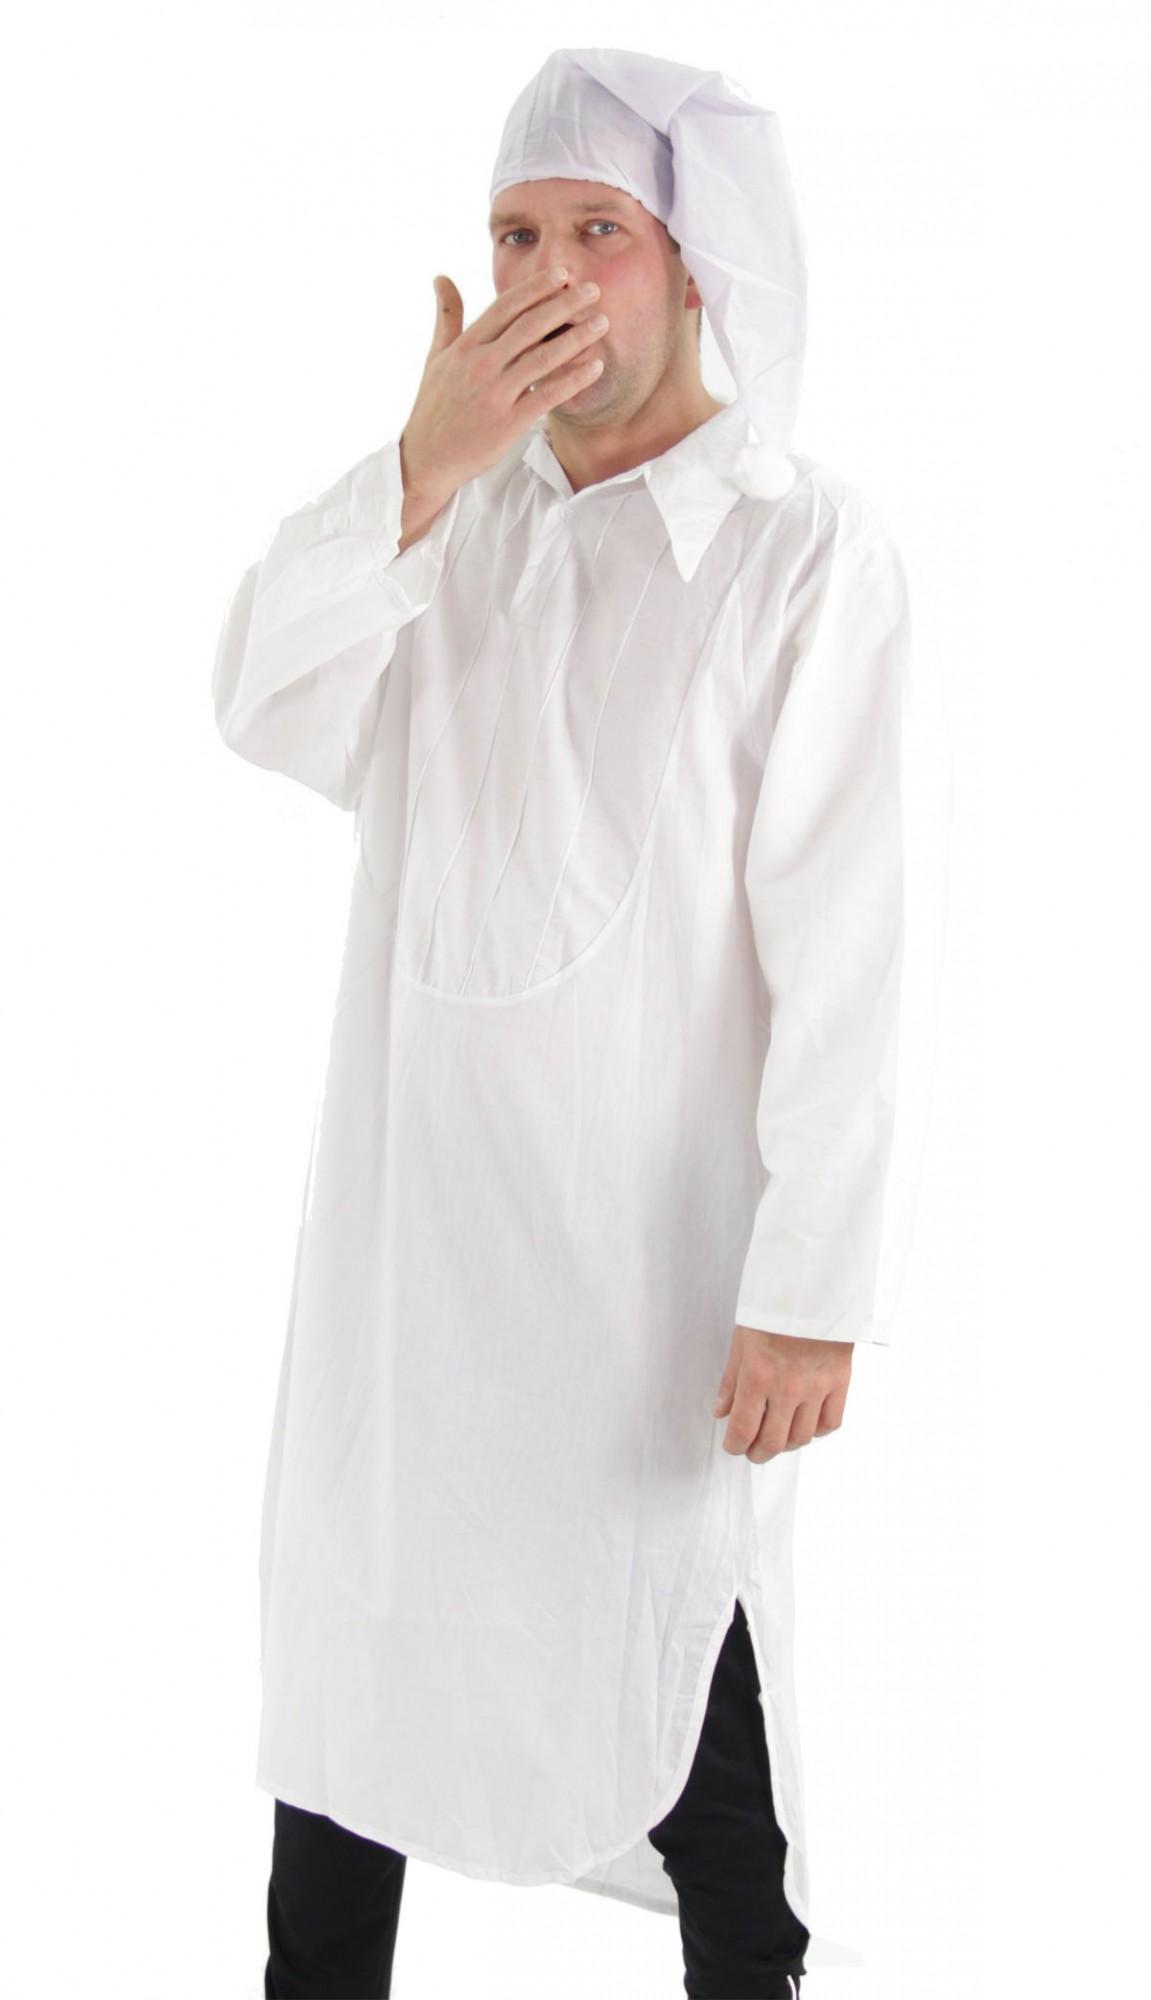 fab30dfe6d47 Kostüm Nachthemd für Damen und Herren Gr. XL - XXXXL